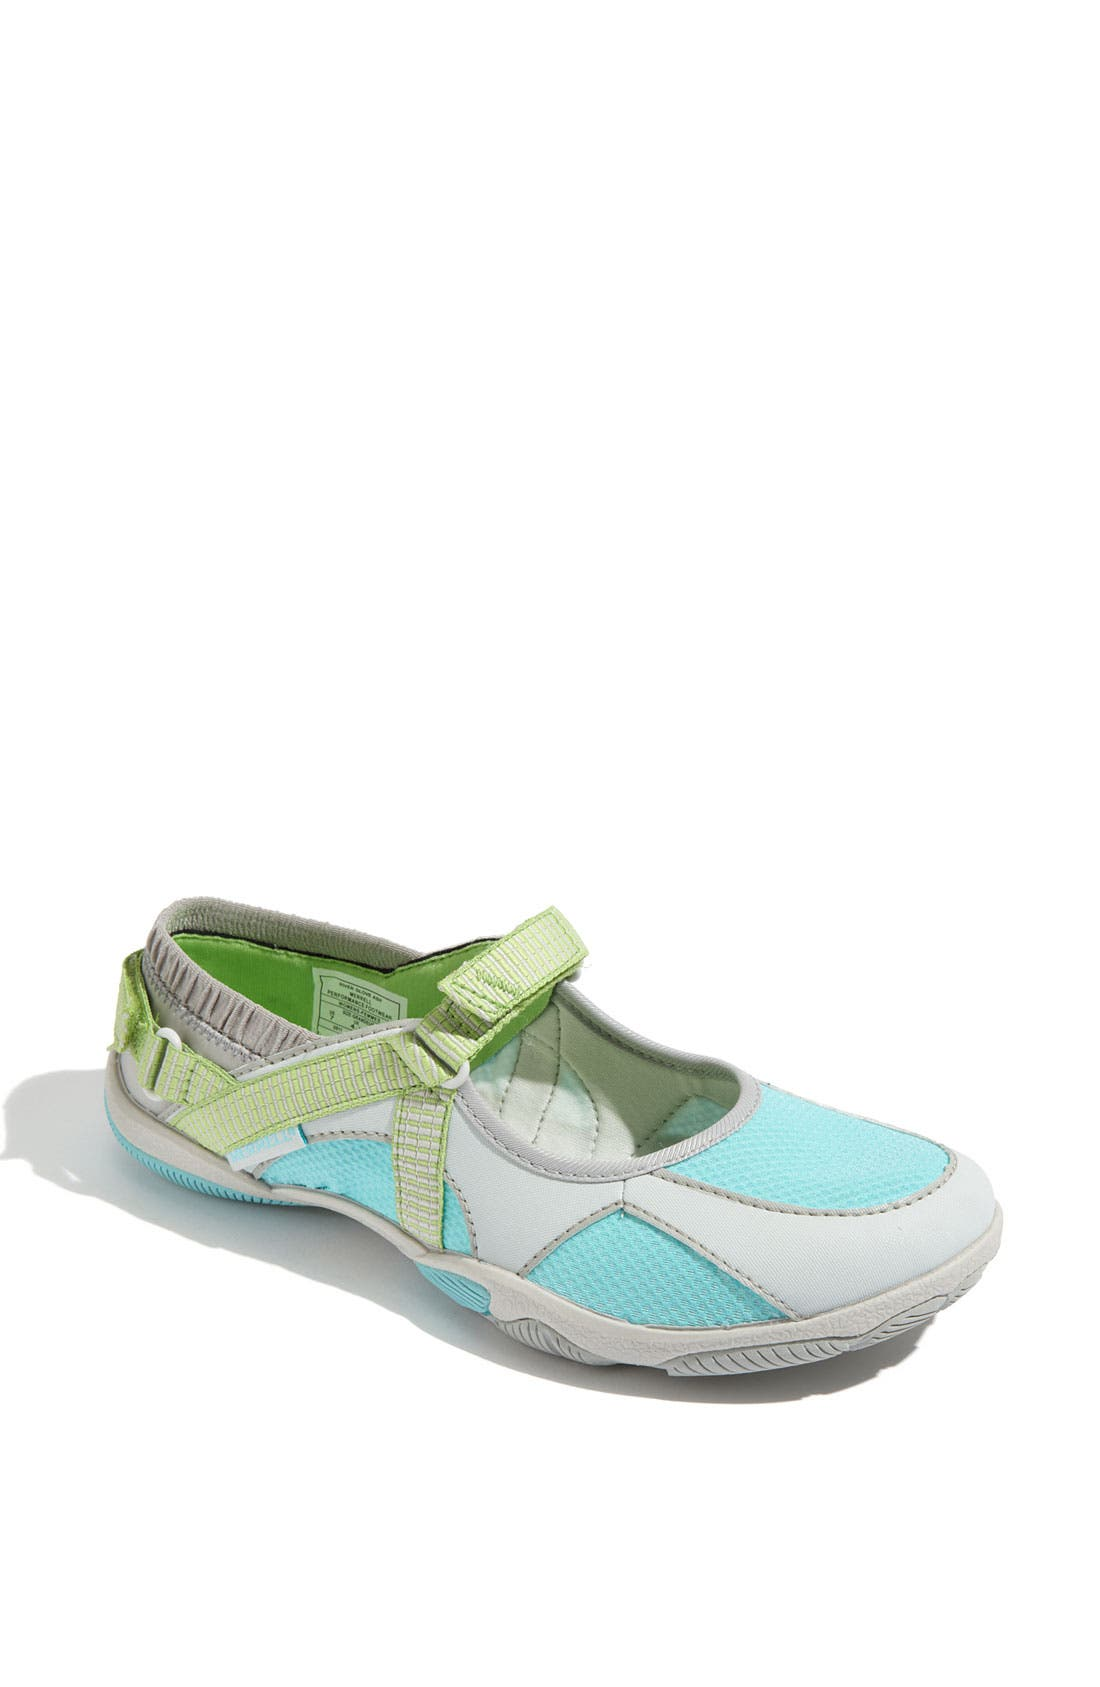 Alternate Image 1 Selected - Merrell 'River Glove' Sneaker (Women)